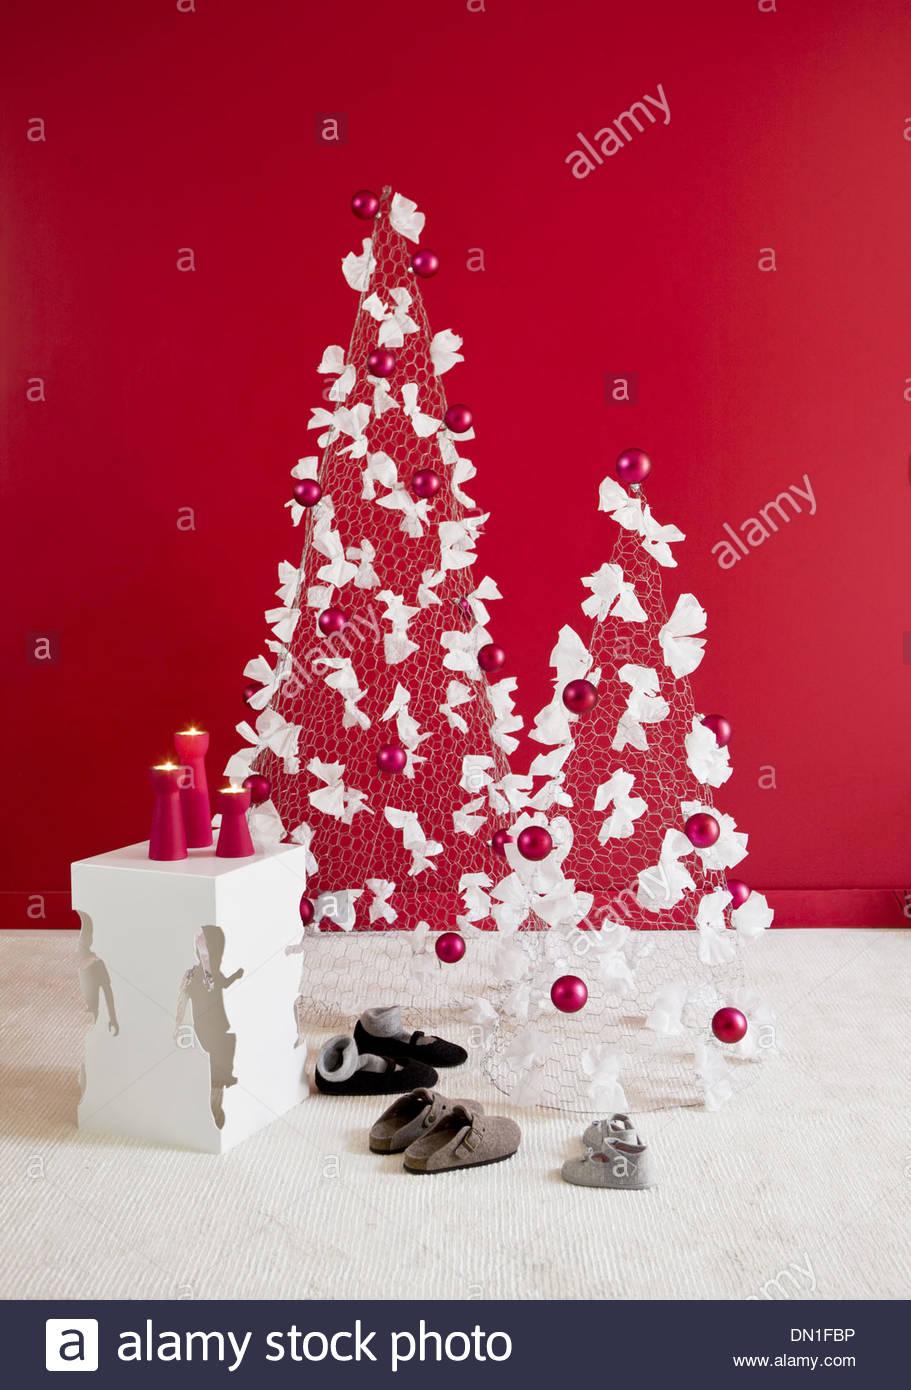 Großzügig Draht Kleiderbügel Weihnachtsbaum Bilder - Die Besten ...